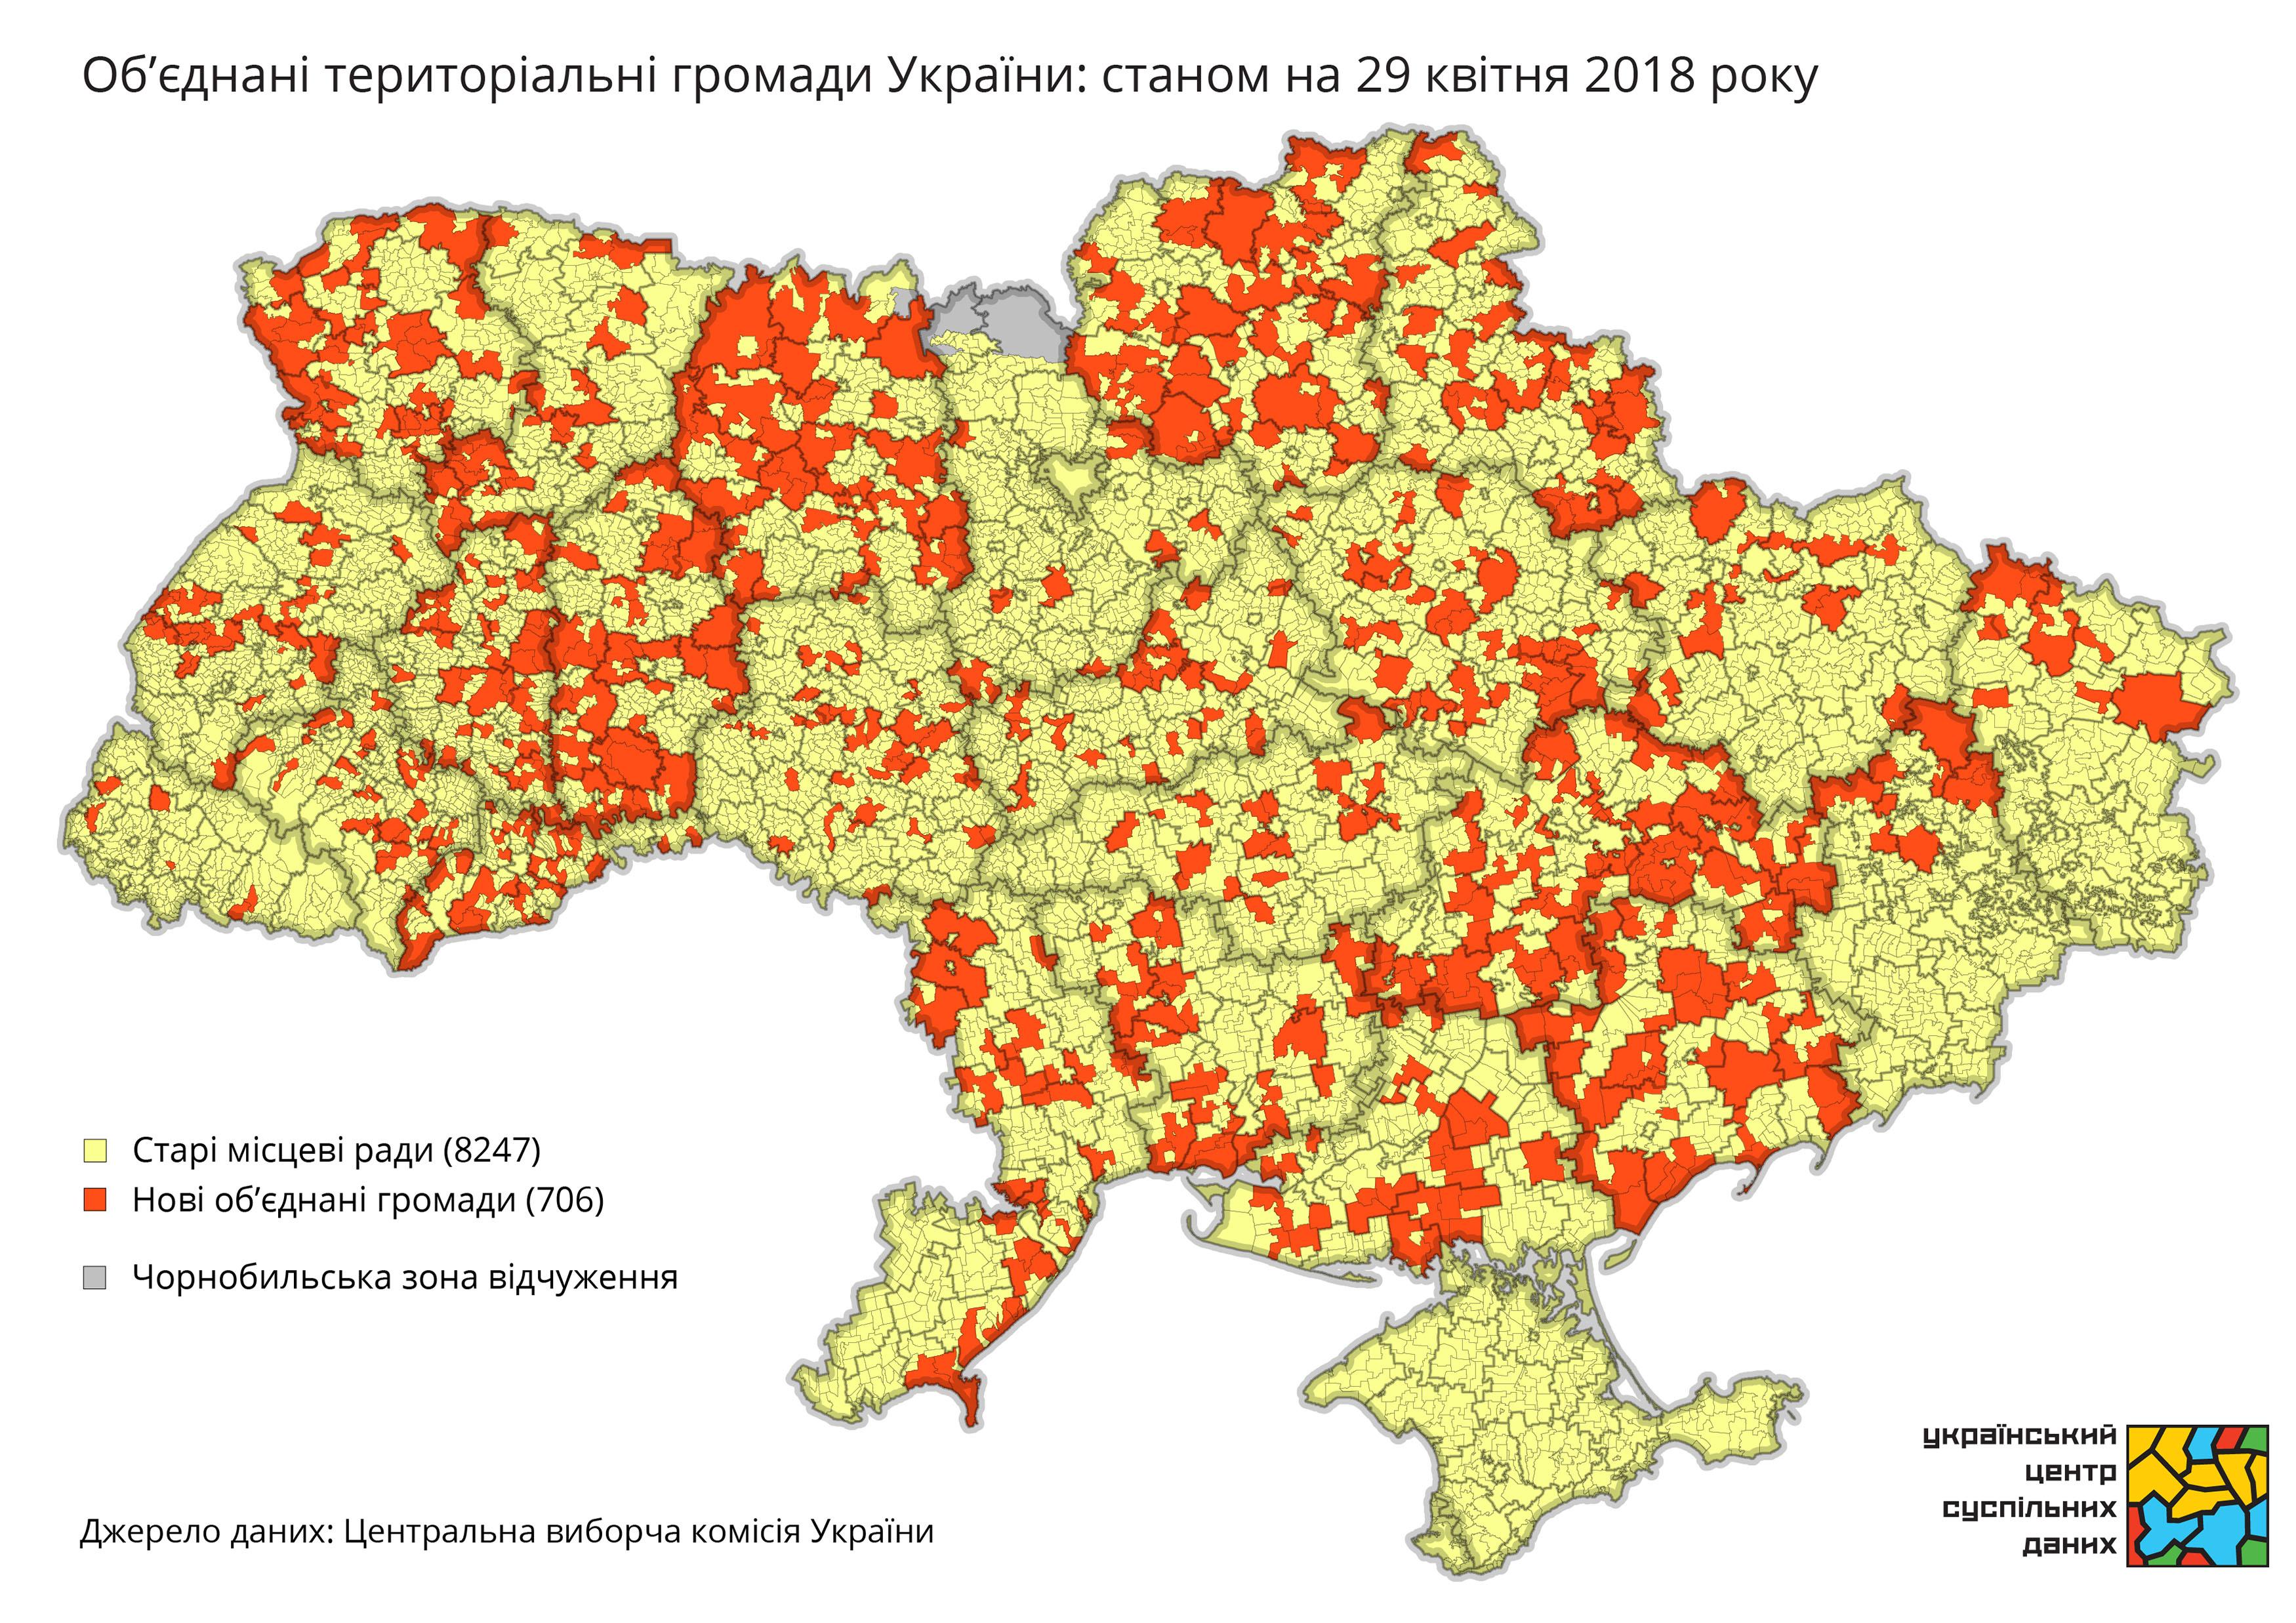 Decentralization Ukraine_new_communities_May2018 site-01